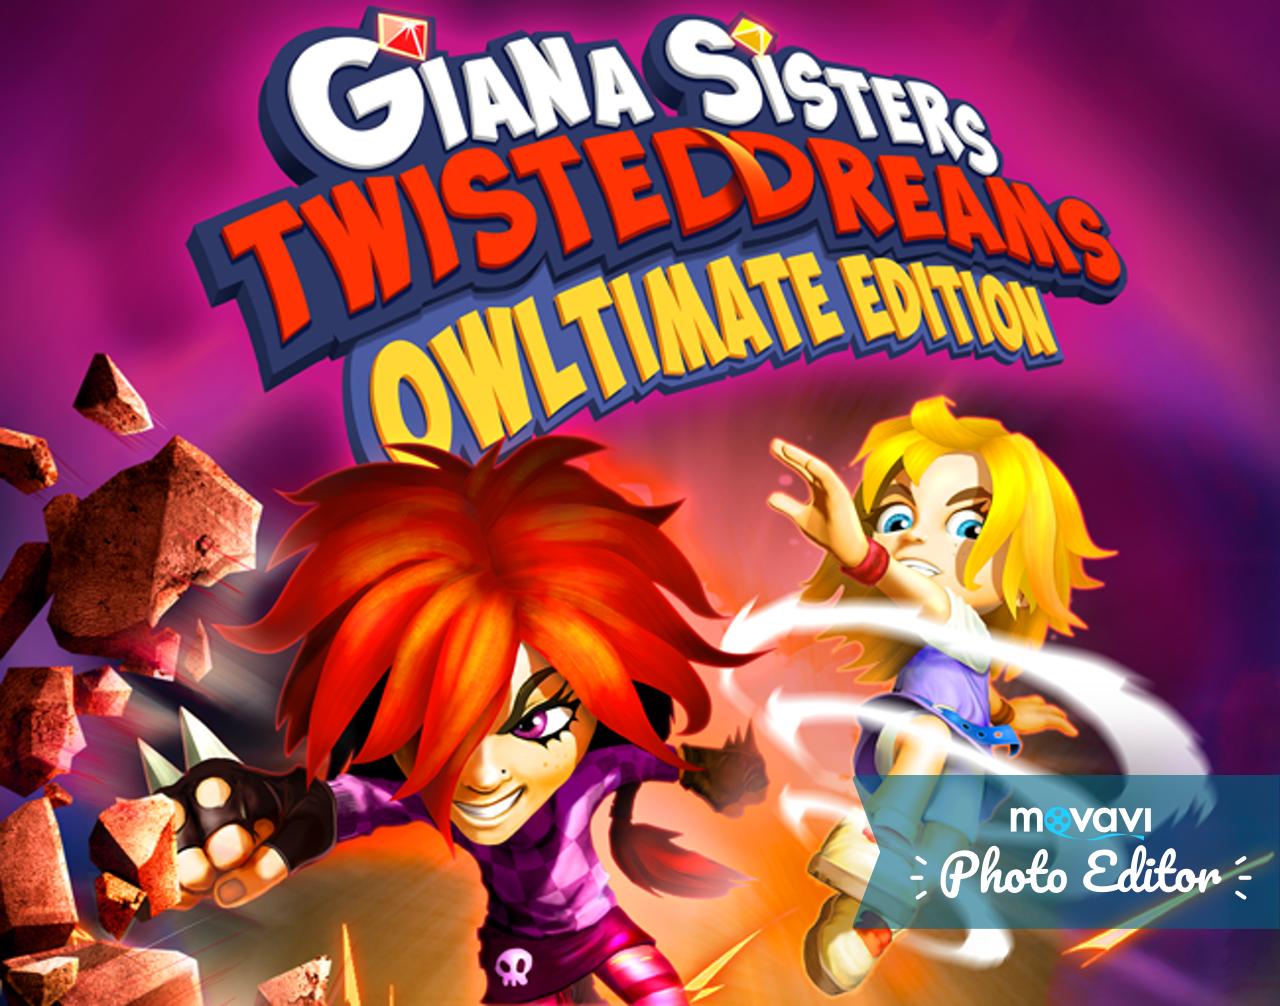 Giana Sisters Owltimate Edition per Switch ha una data d'uscita